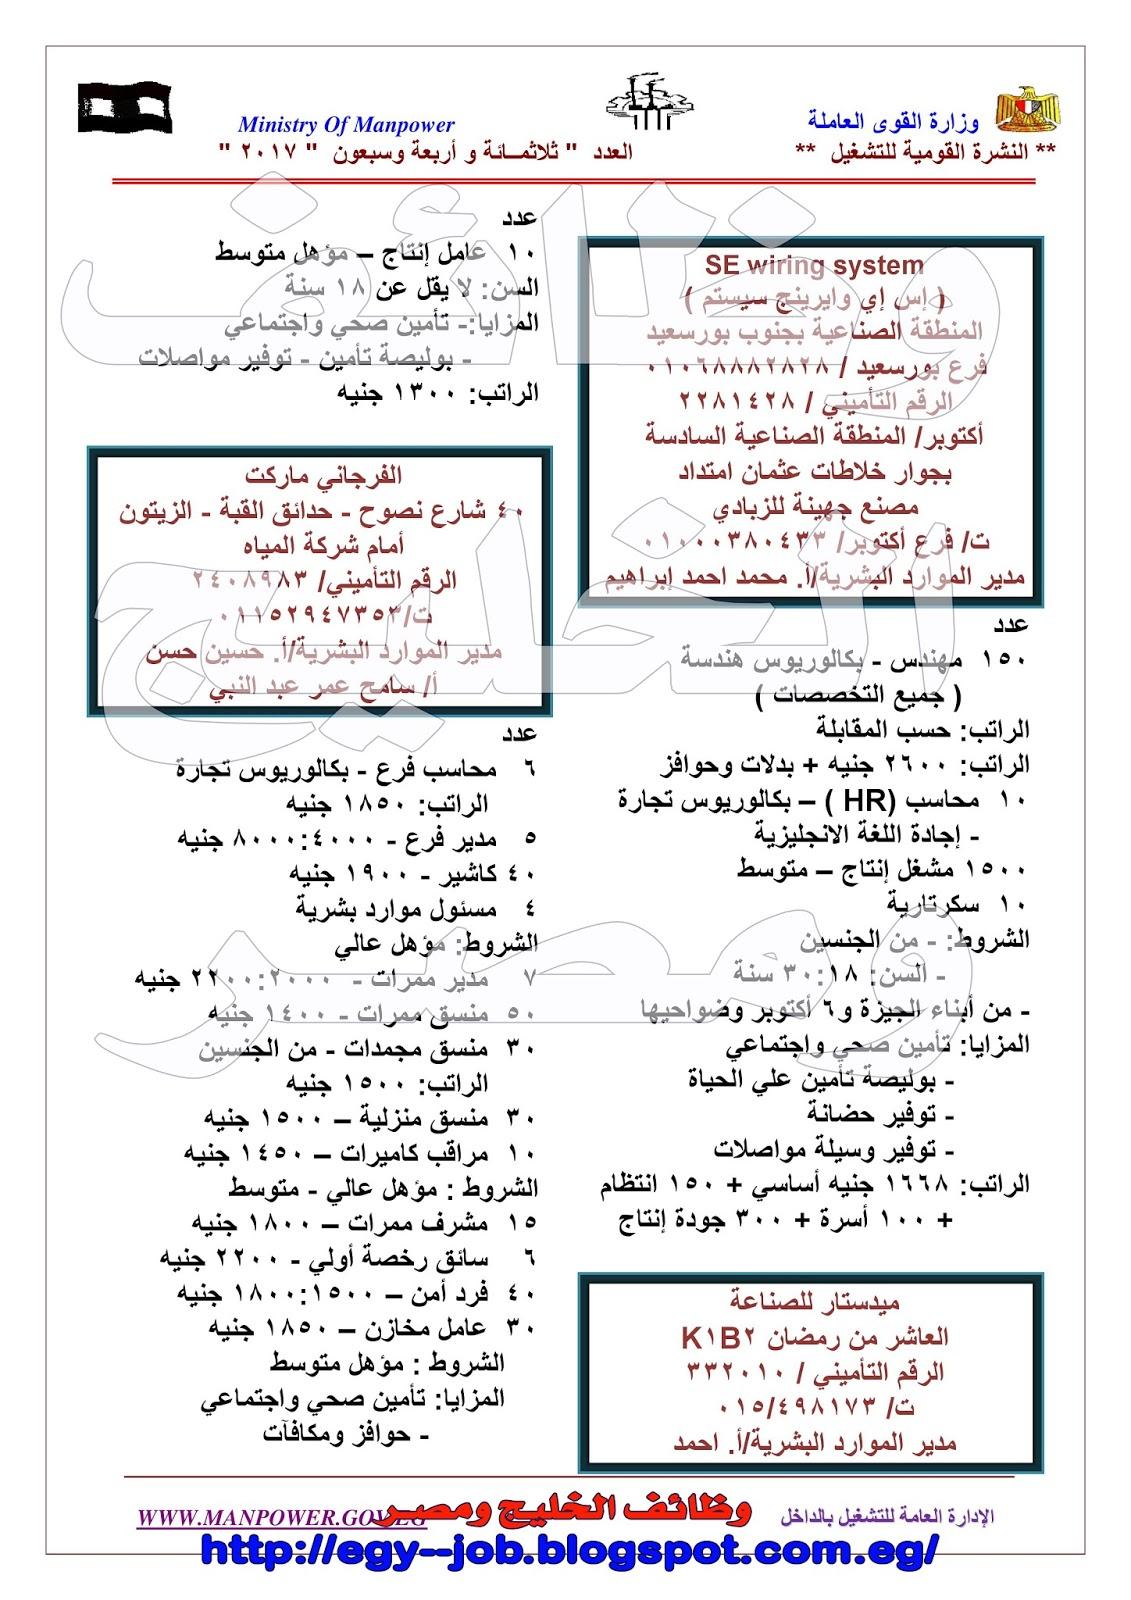 940ed6a27 وظائف لكل اللمهن اكثر من 4000 وظيفة لكبرى الشركات برعاية وزارة القوى ...